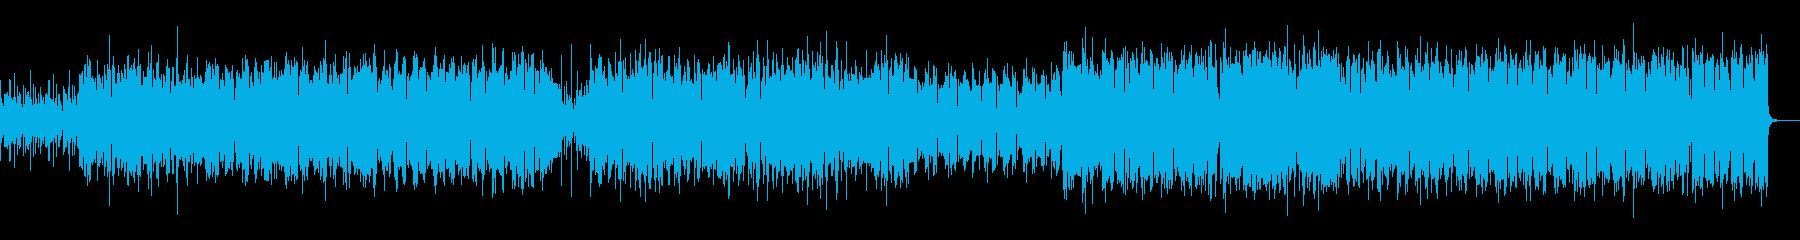 明るく疾走間のあるケルト調BGMです。の再生済みの波形